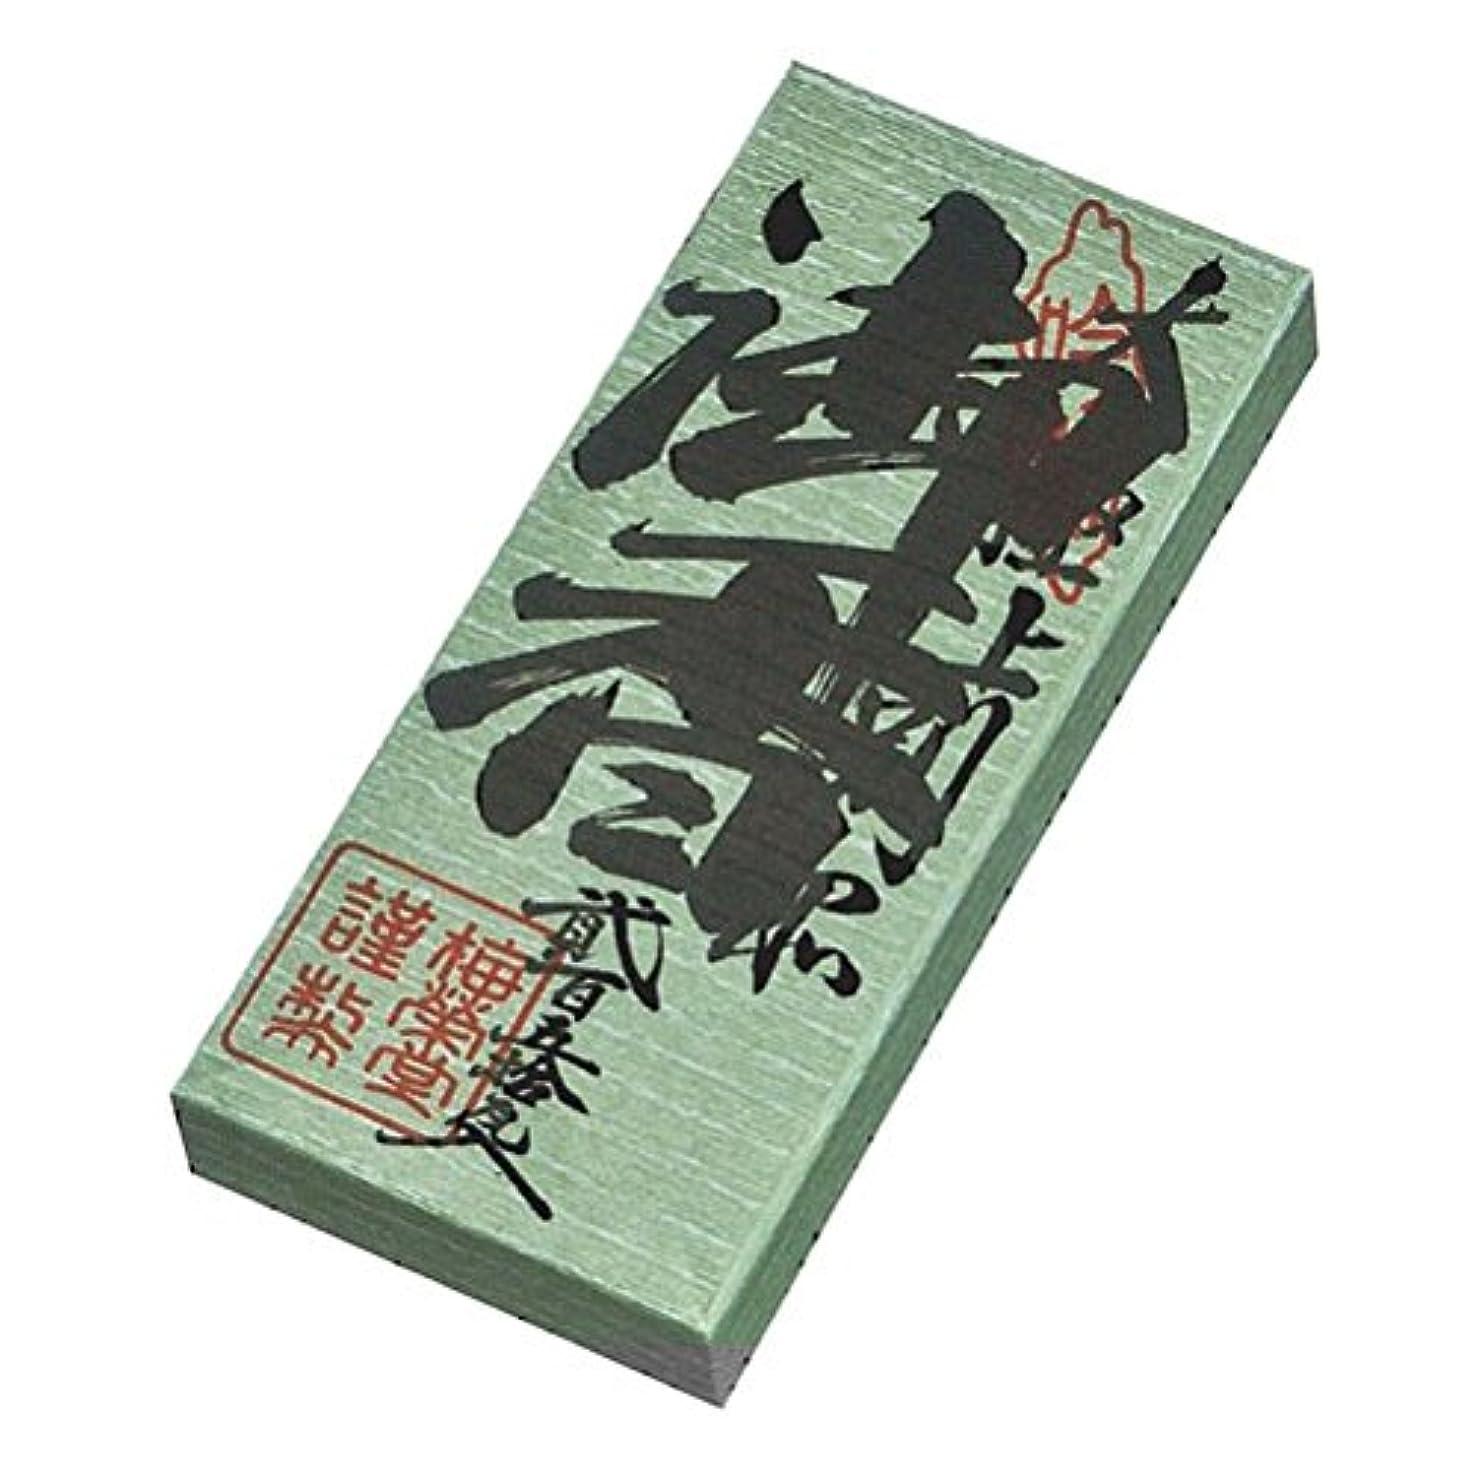 不適当電気技師基本的な崇徳印 250g 紙箱入り お焼香 梅栄堂